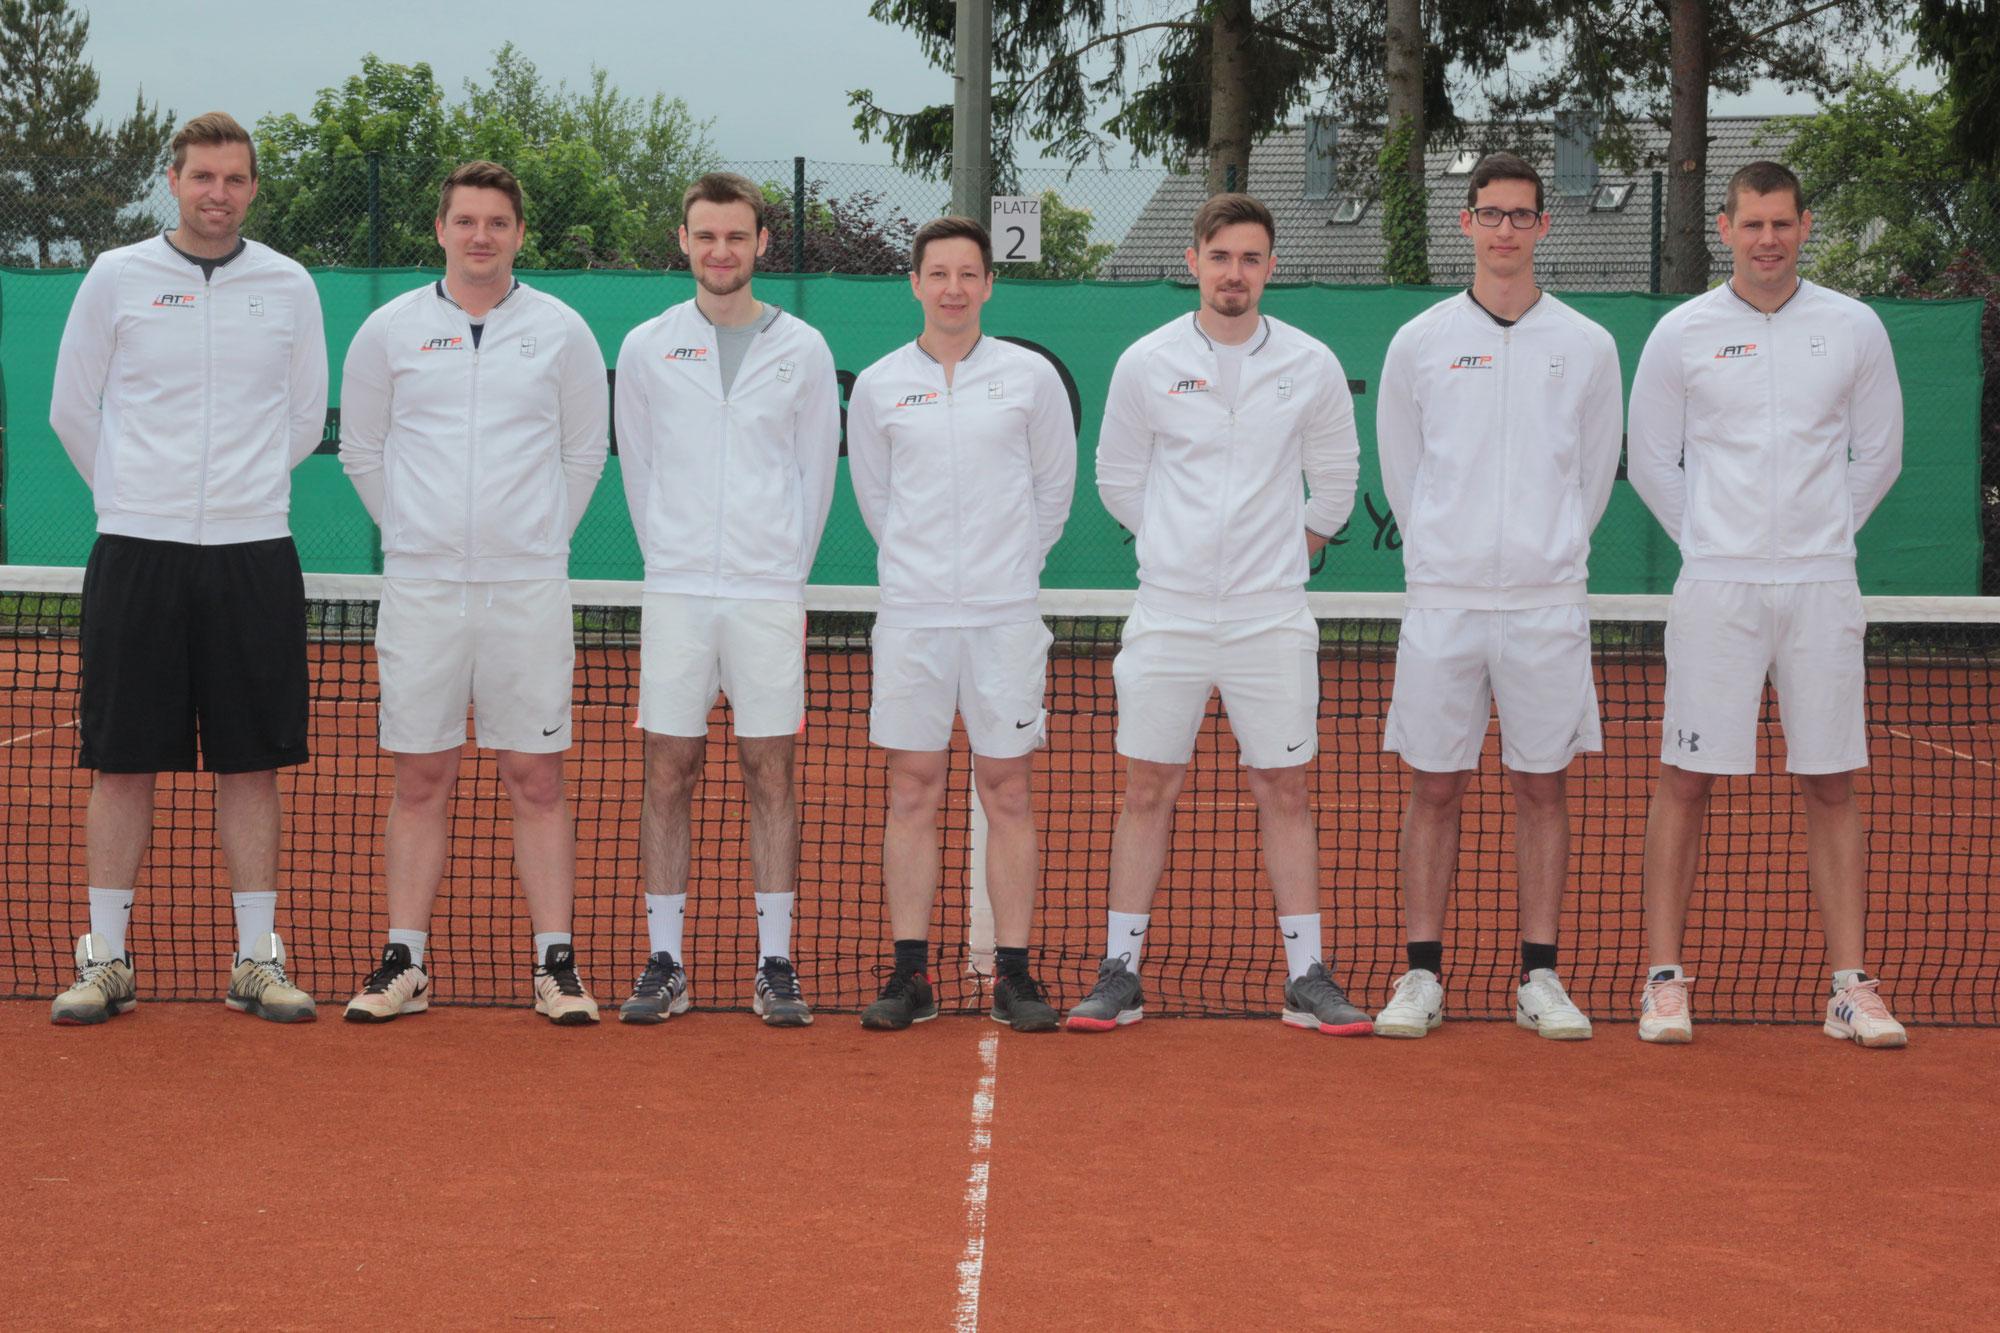 Tennis: Herrenmannschaft vor Start in Wintersaison 2021/22